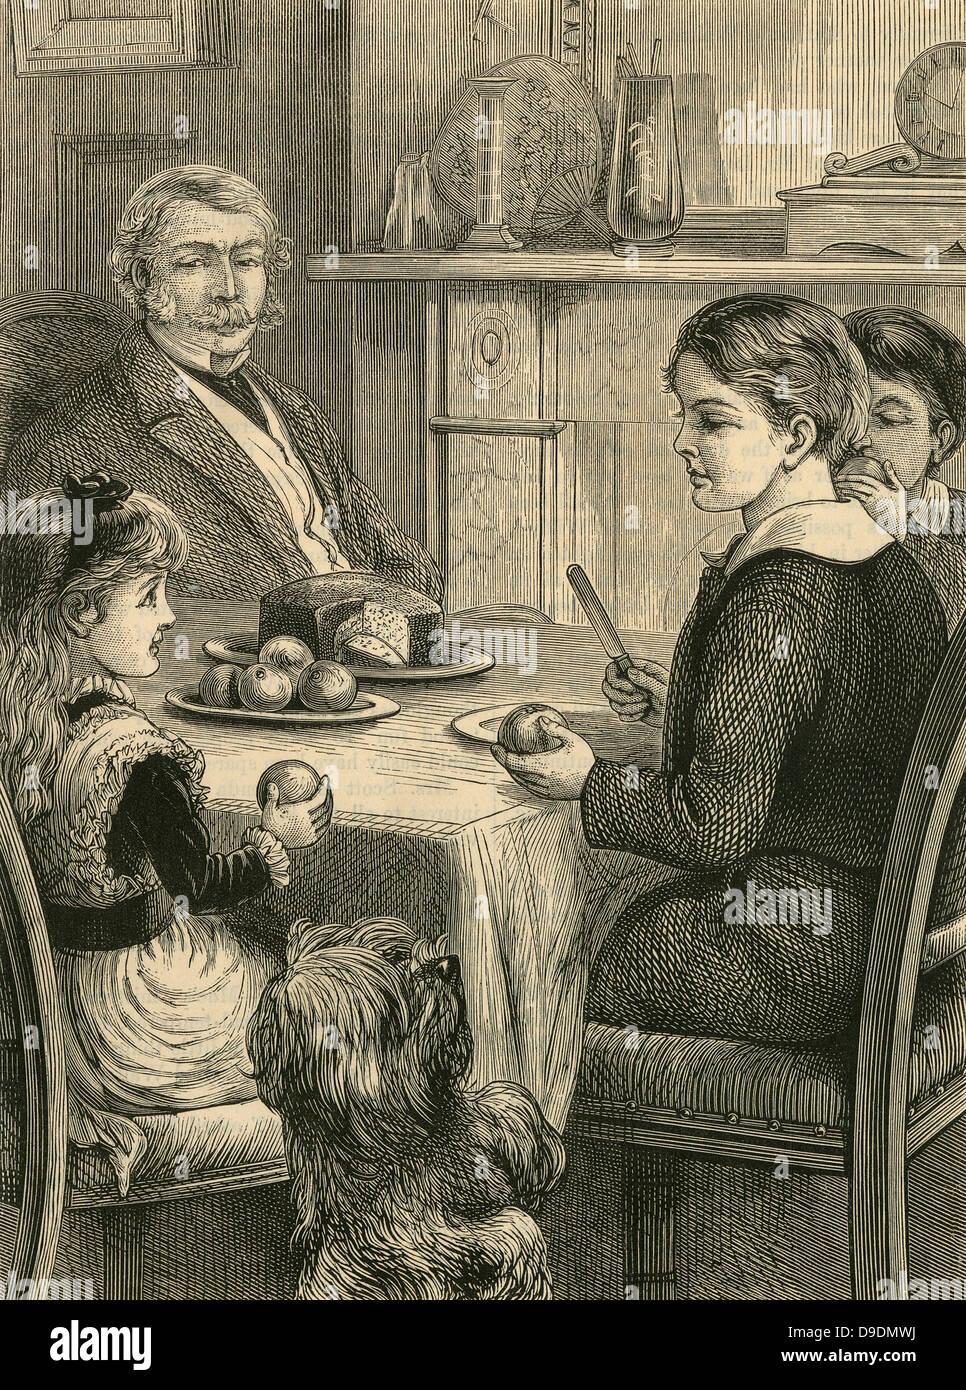 Famiglia tea time: cane a mendicare per un trattamento. Incisione, 1882 Immagini Stock